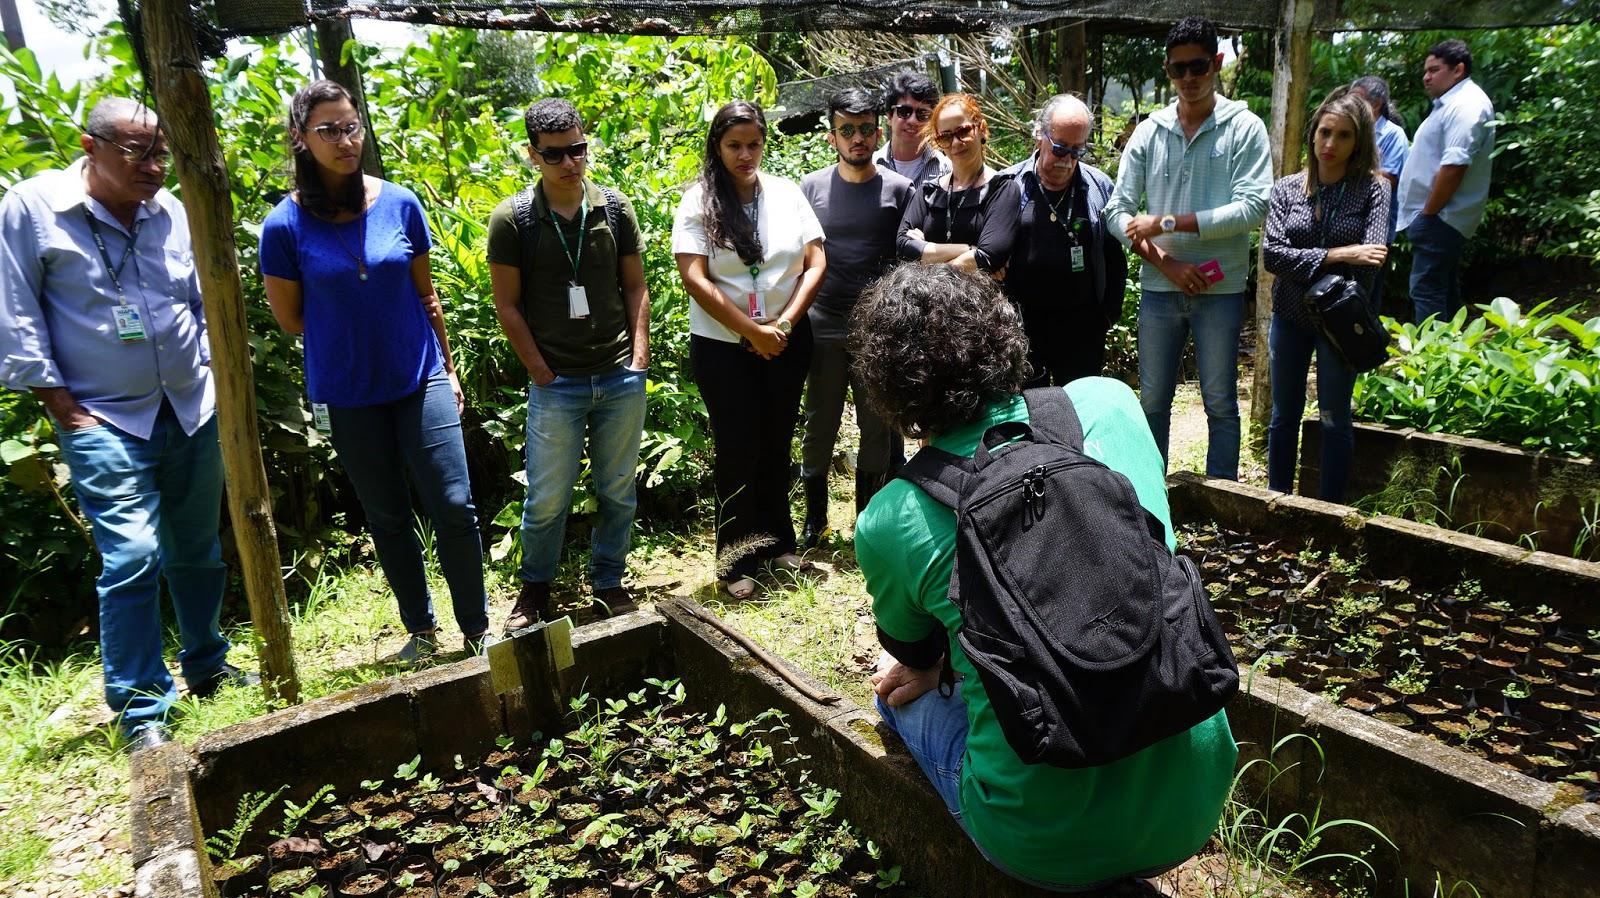 """Educação Ambiental: um dos temas discutidos na Revista """"Caminhos da Geografia"""". Foto: SUAPE - Fonte: https://www.flickr.com/photos/complexodesuape/24438870718"""